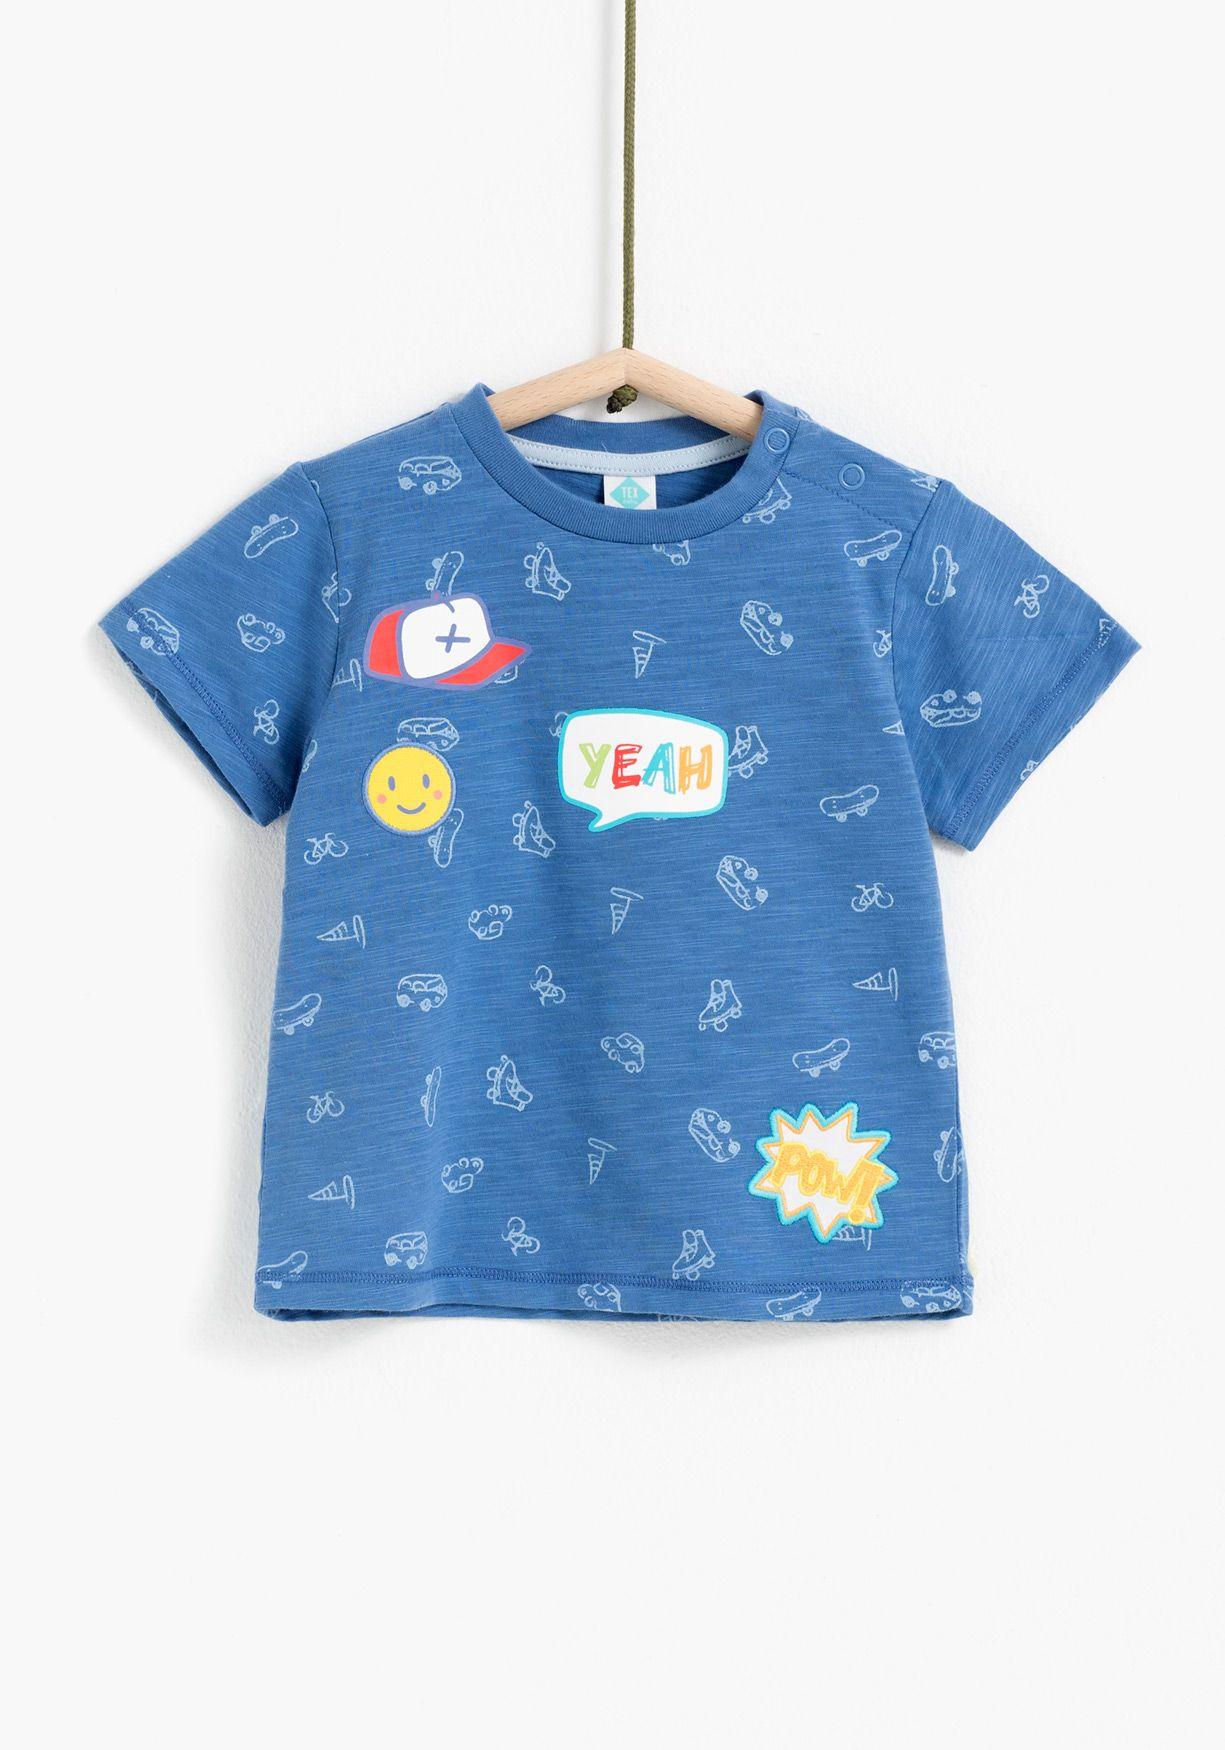 Camiseta De Manga Corta Para Nino Con Estampado De Parches Disenado En Espana Algodon 100 Ropa Para Bebe Varones Ropa De Bebe Varon Estilo Infantil